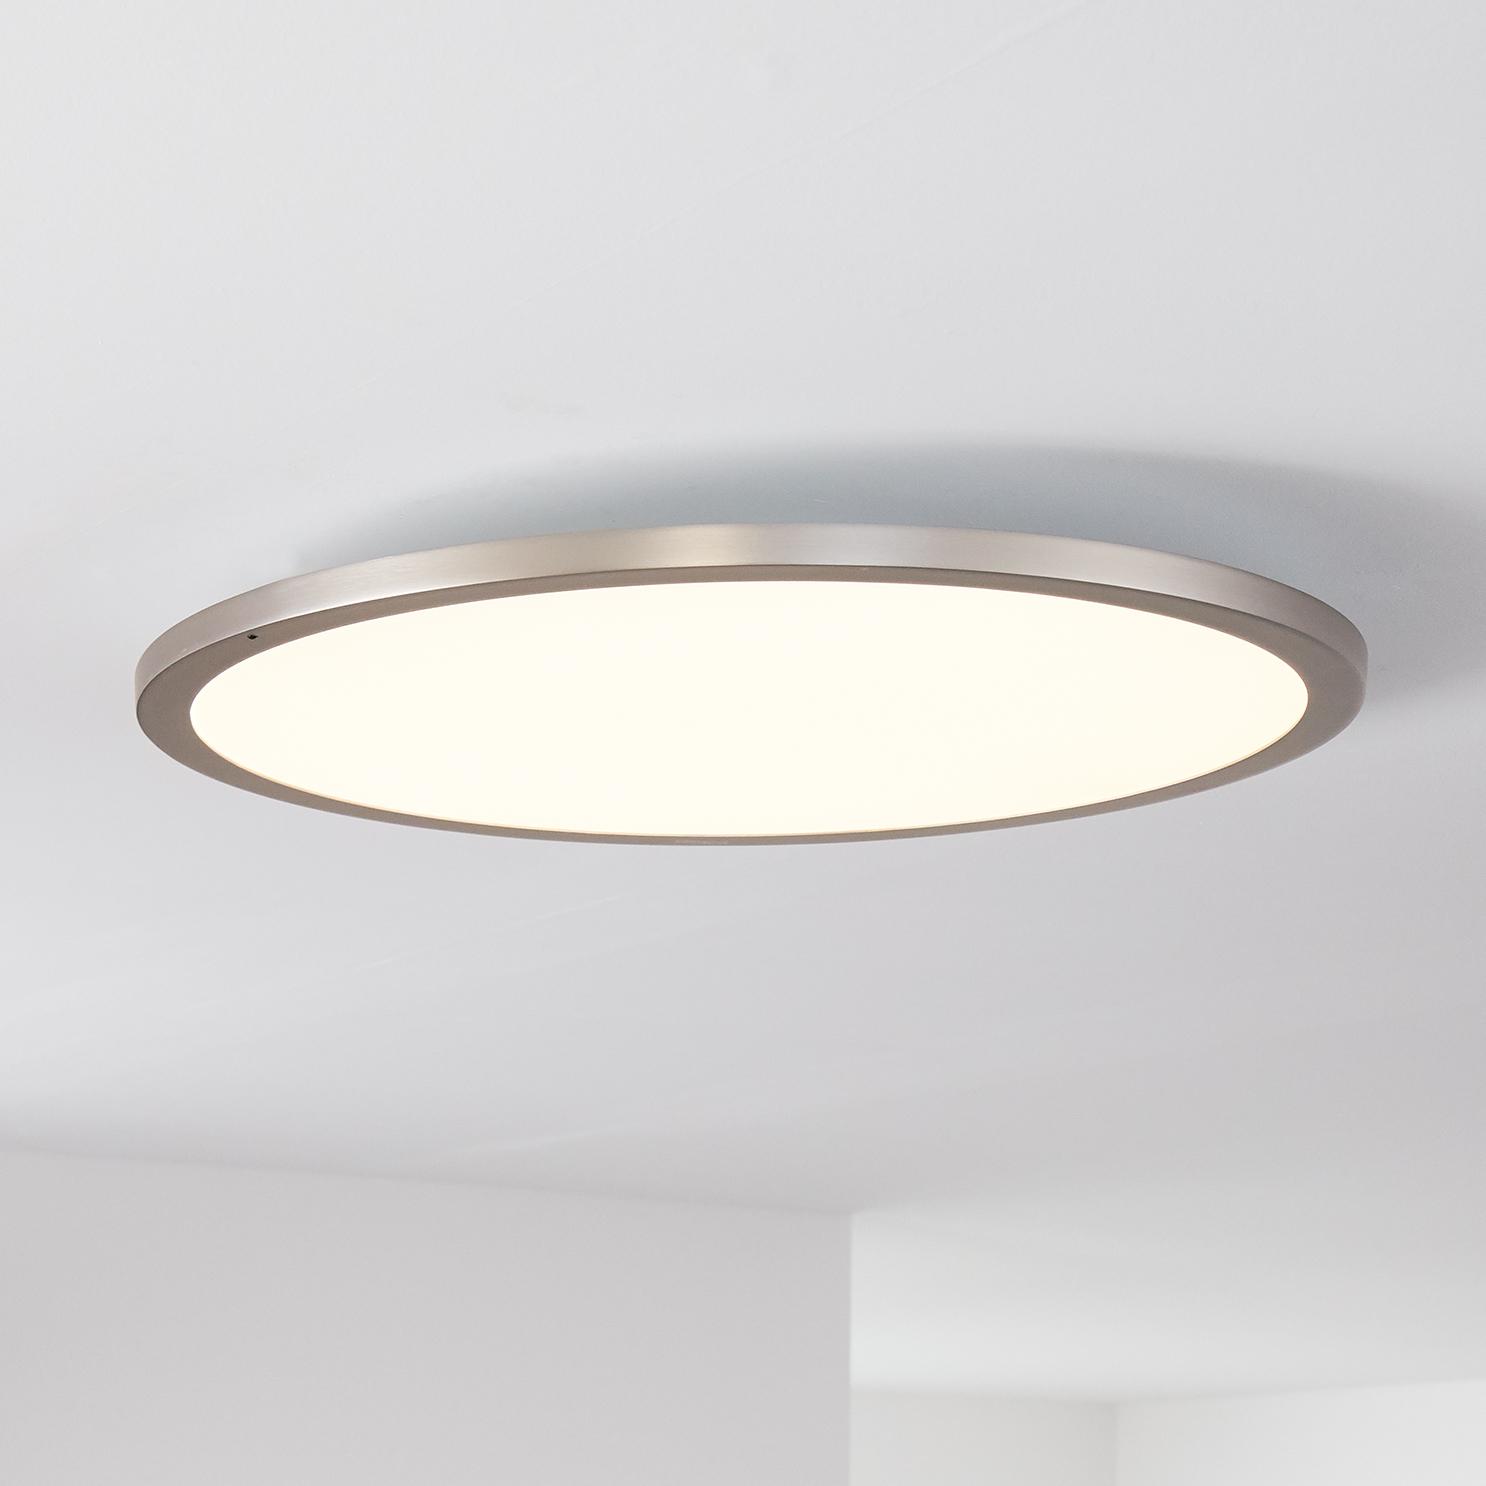 runde deckenunterbau paneele lampen und leuchten f r ihren wohraum bequem online kaufen. Black Bedroom Furniture Sets. Home Design Ideas